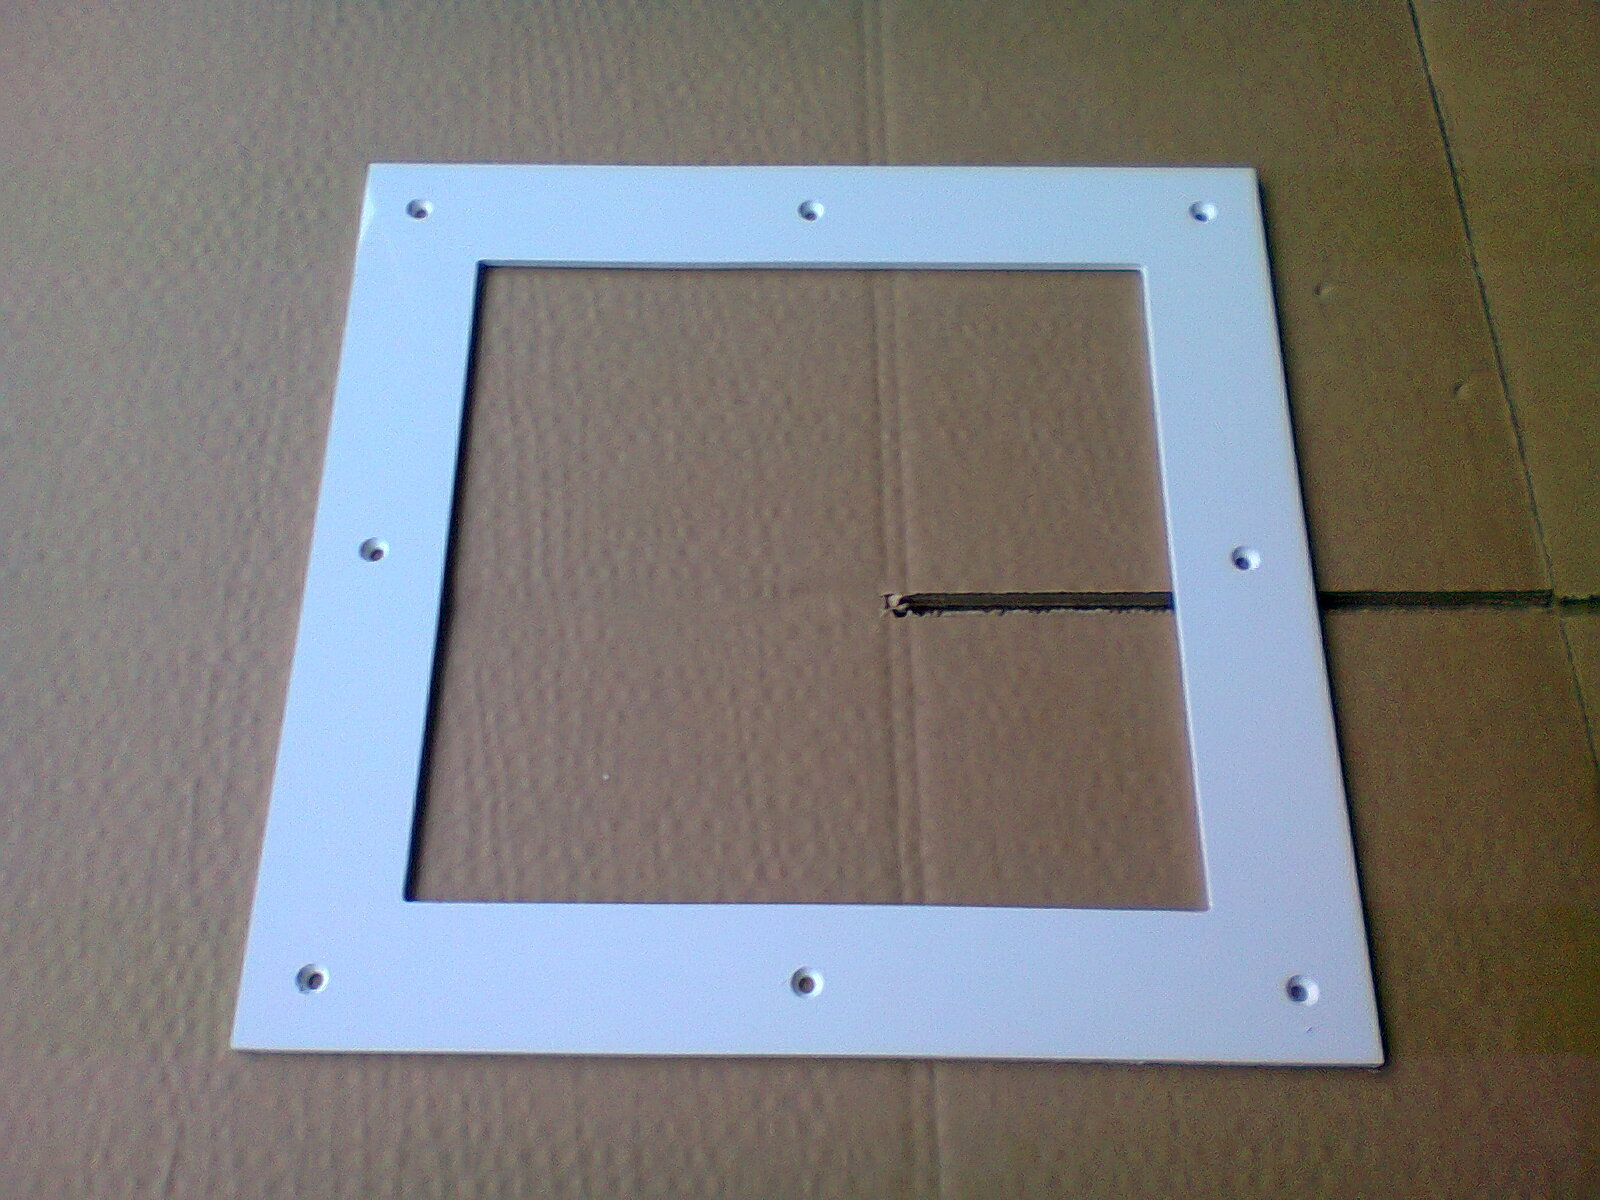 Hublots 1 vitre pour paisseur 14 mm abc hublots - Porte interieur epaisseur 30 mm ...